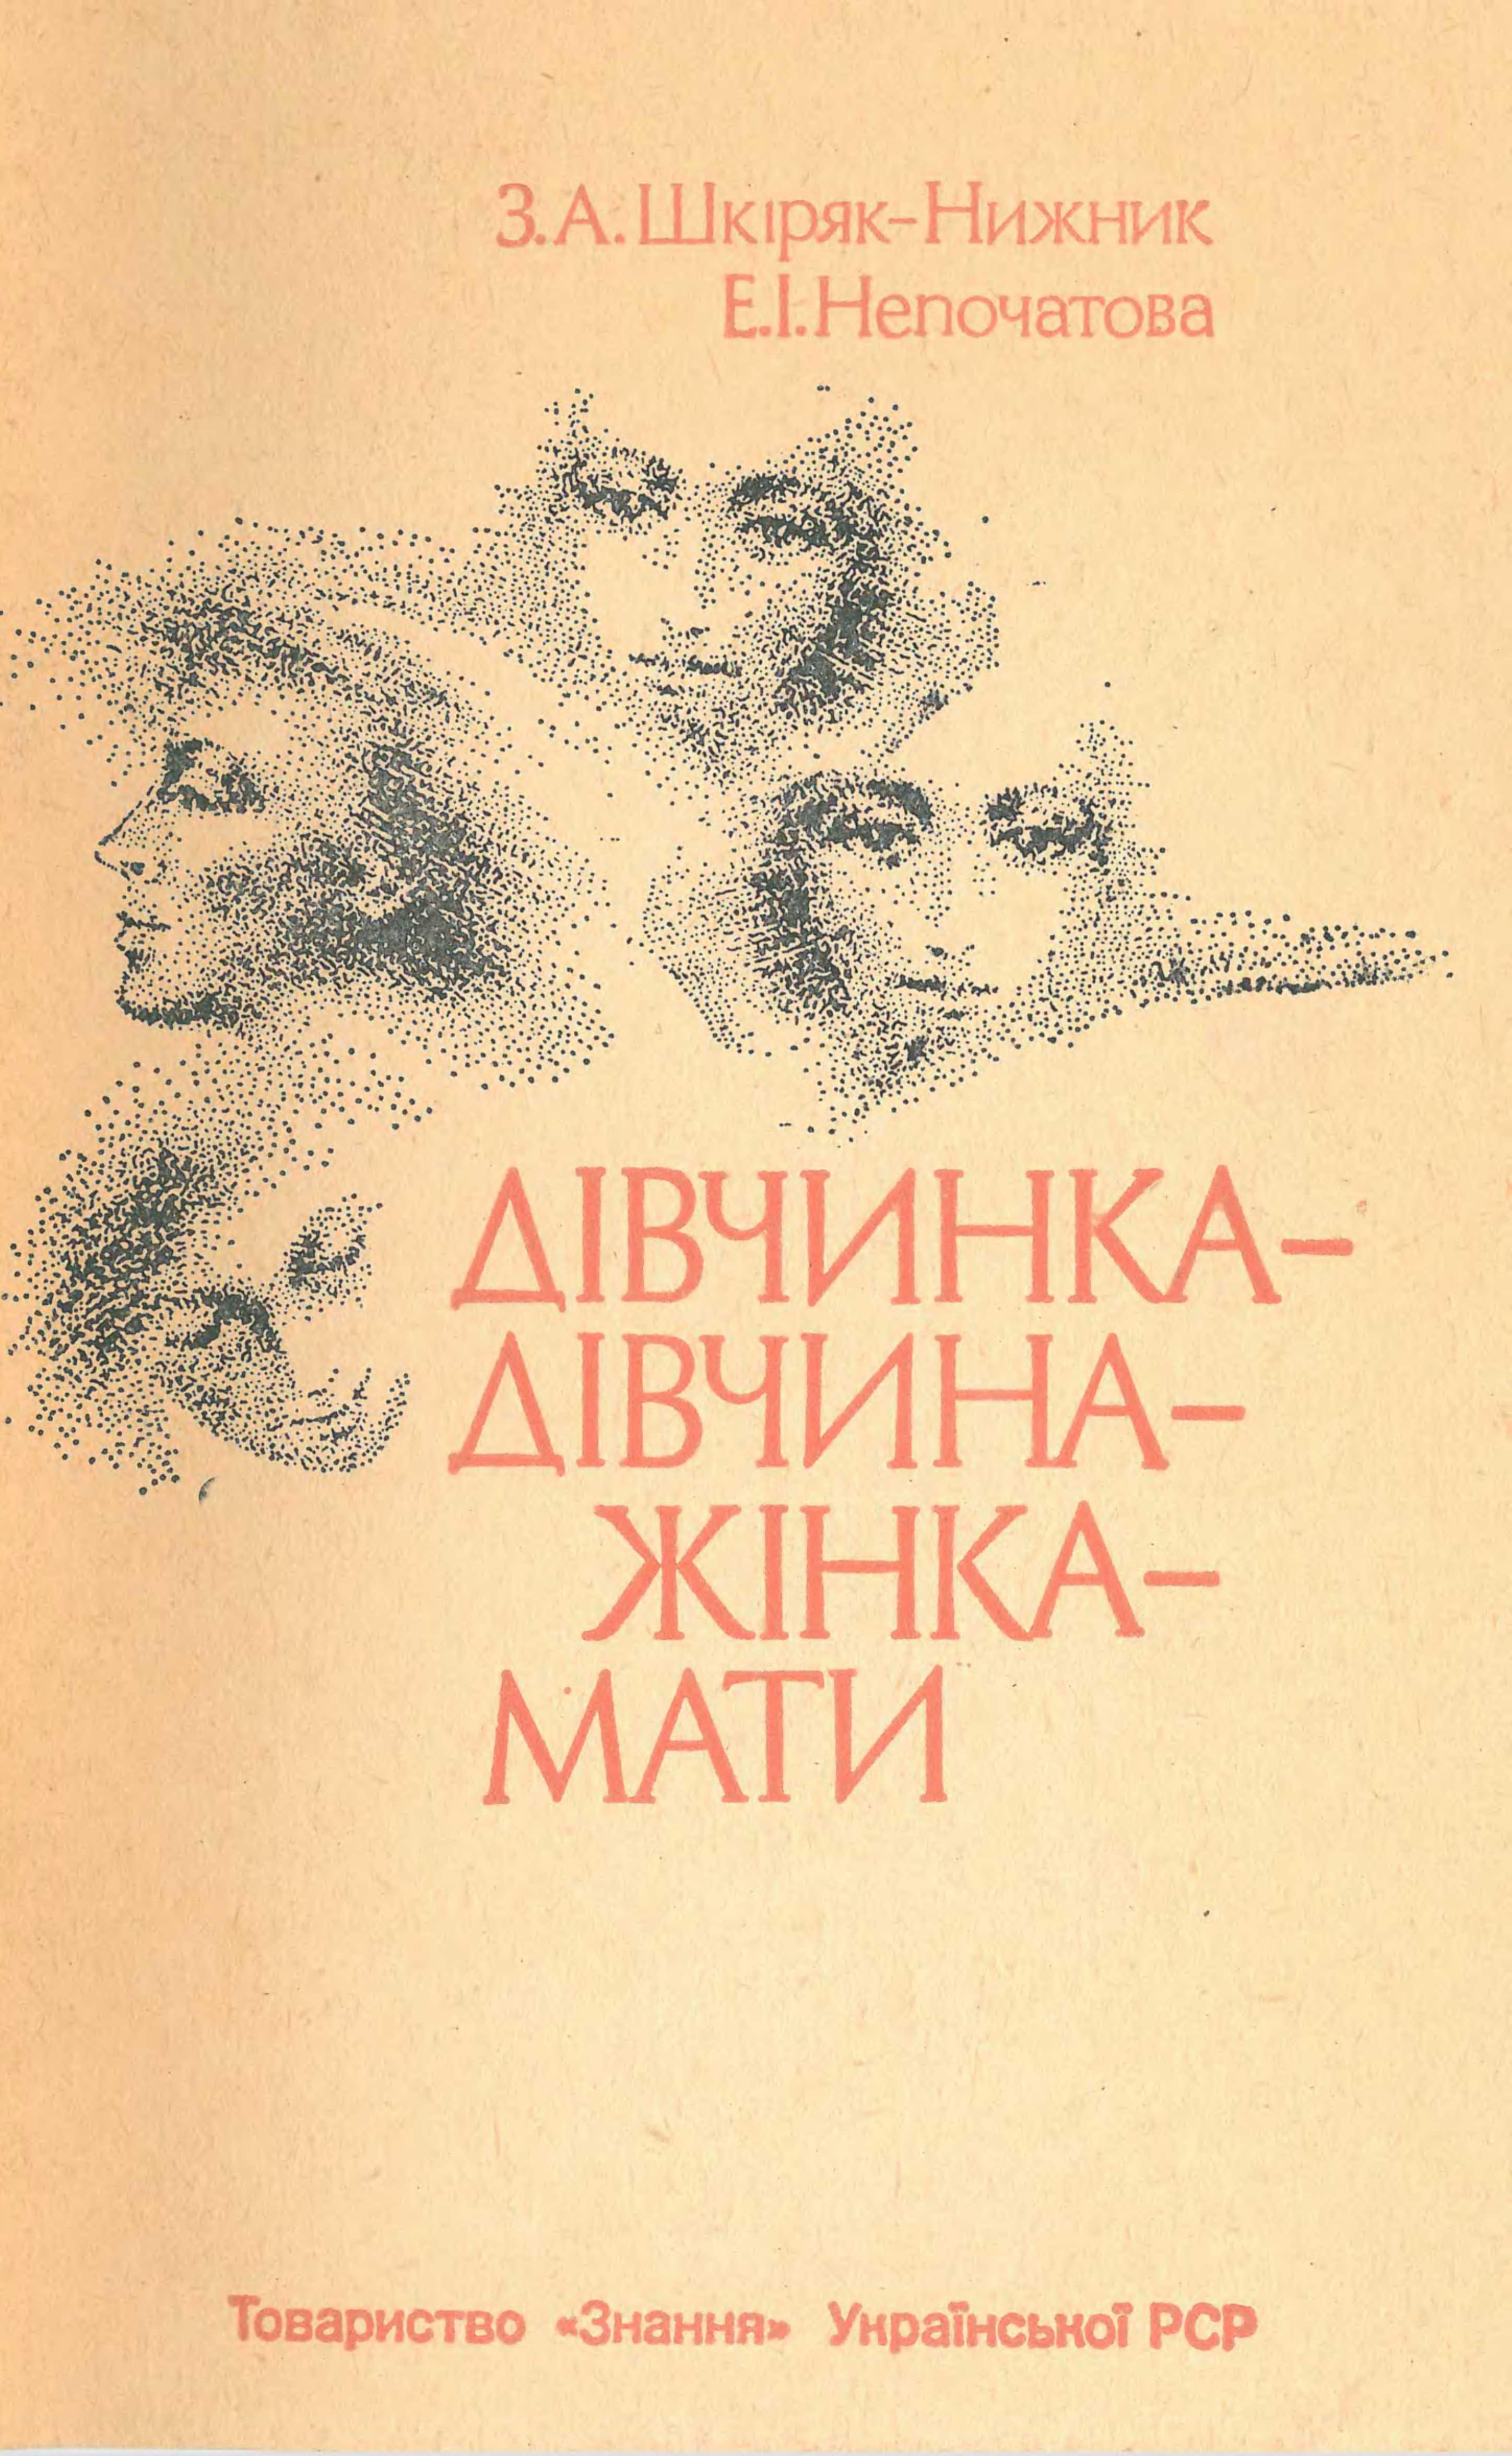 Книга  Дівчинка - дівчина - жінка - мати 19aceae3151b8